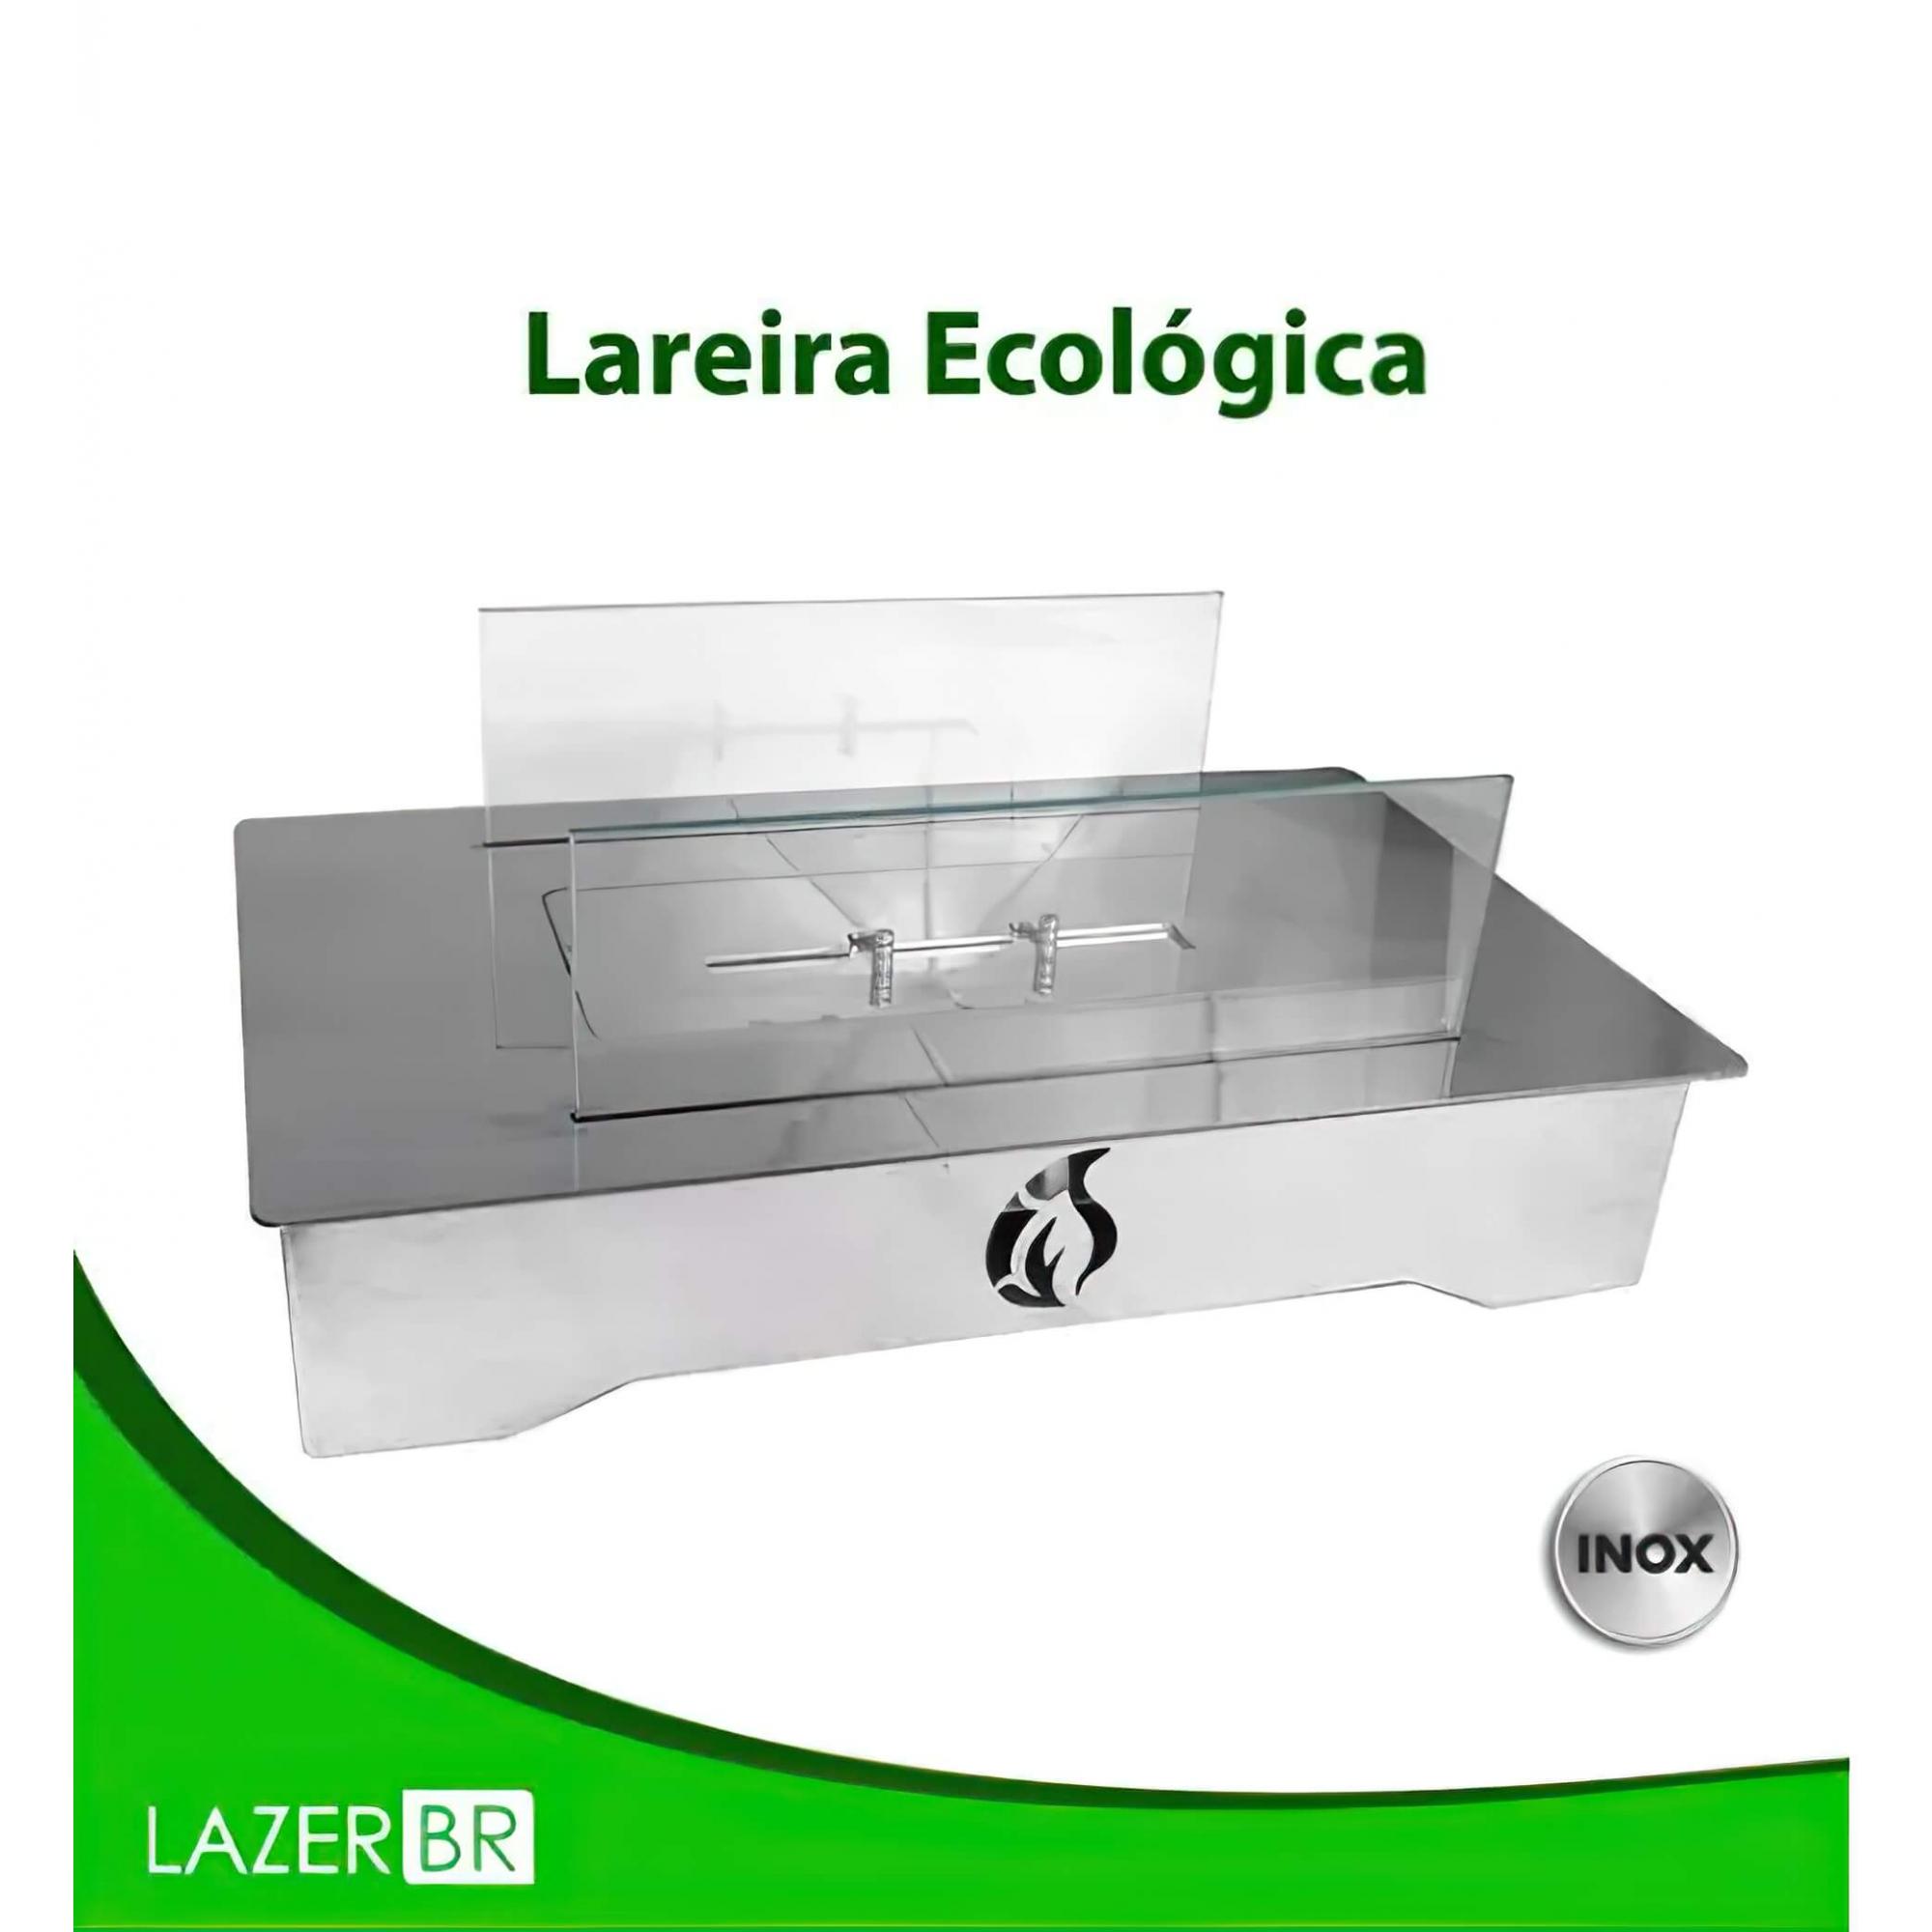 Lareira Ecológica Inox Retangular com base a álcool etanol